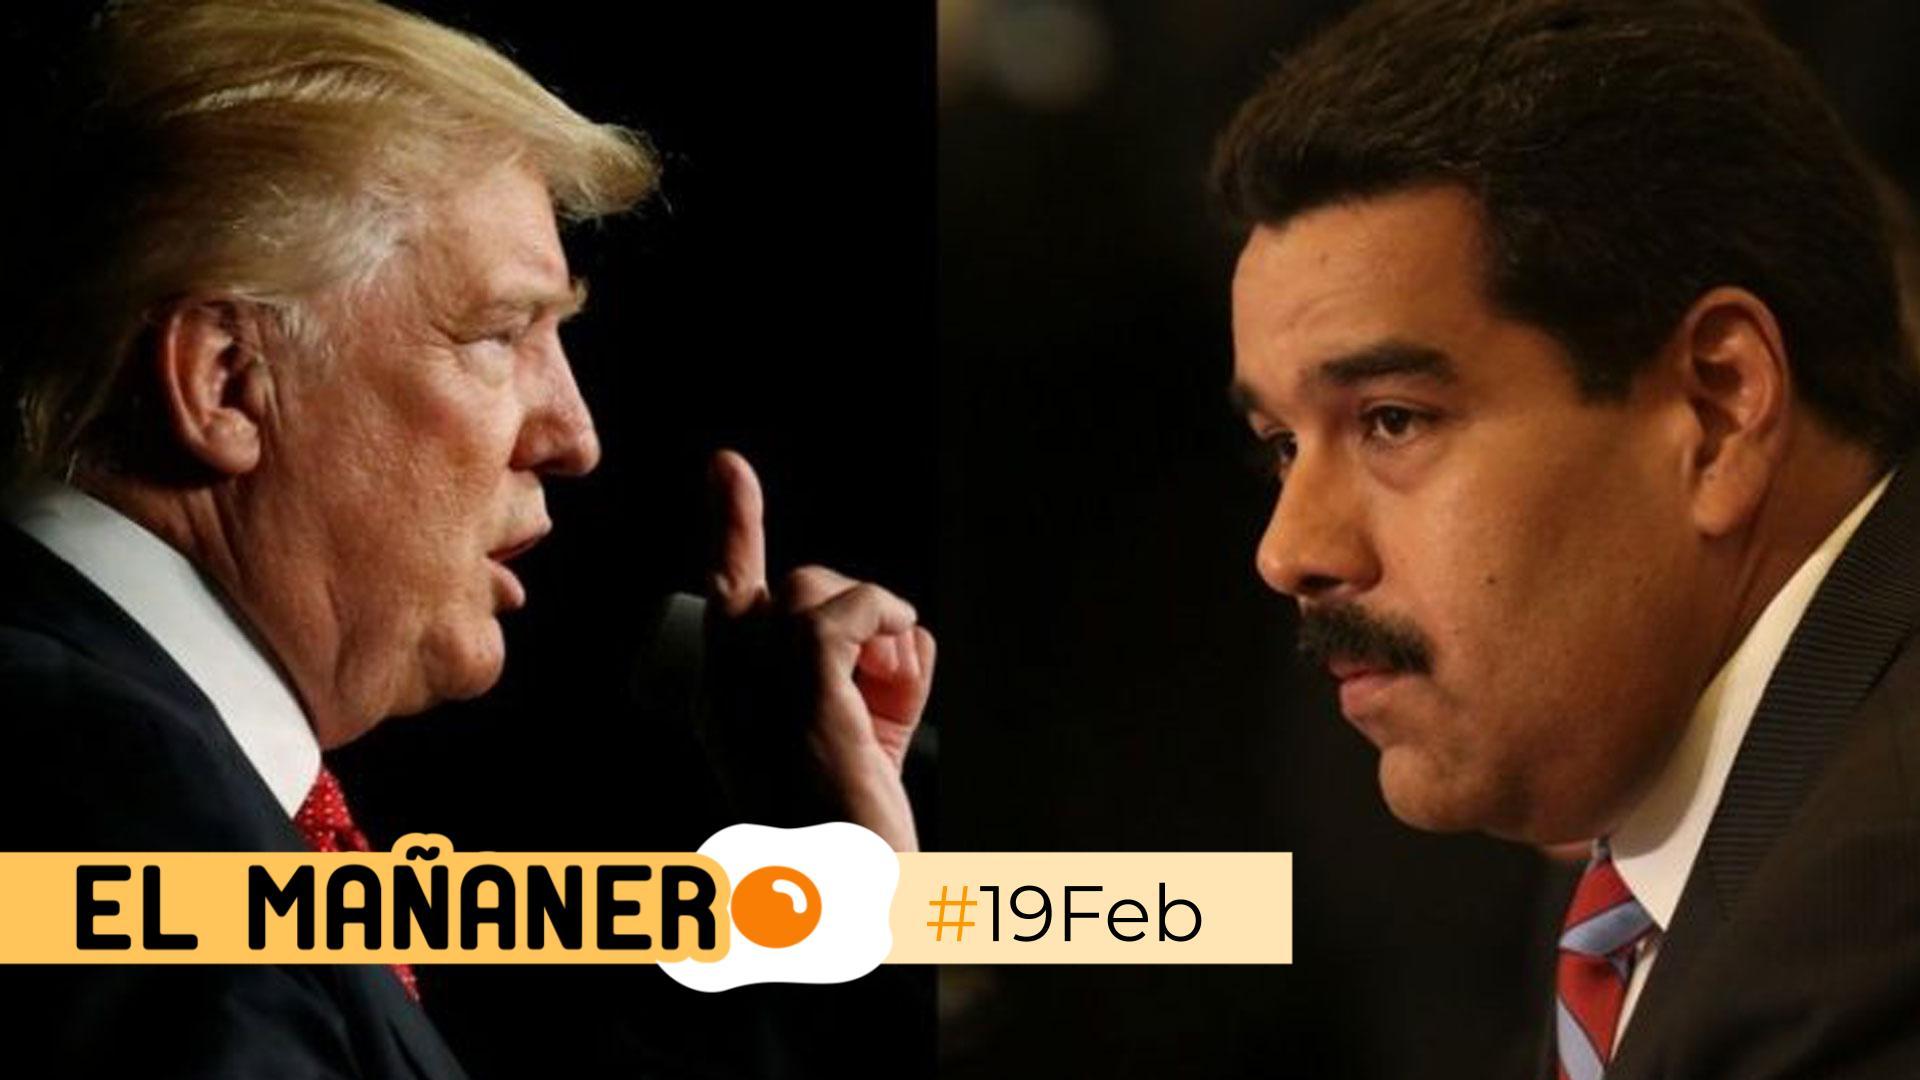 El Mañanero de hoy #19Feb: Las 8 noticias que debes saber